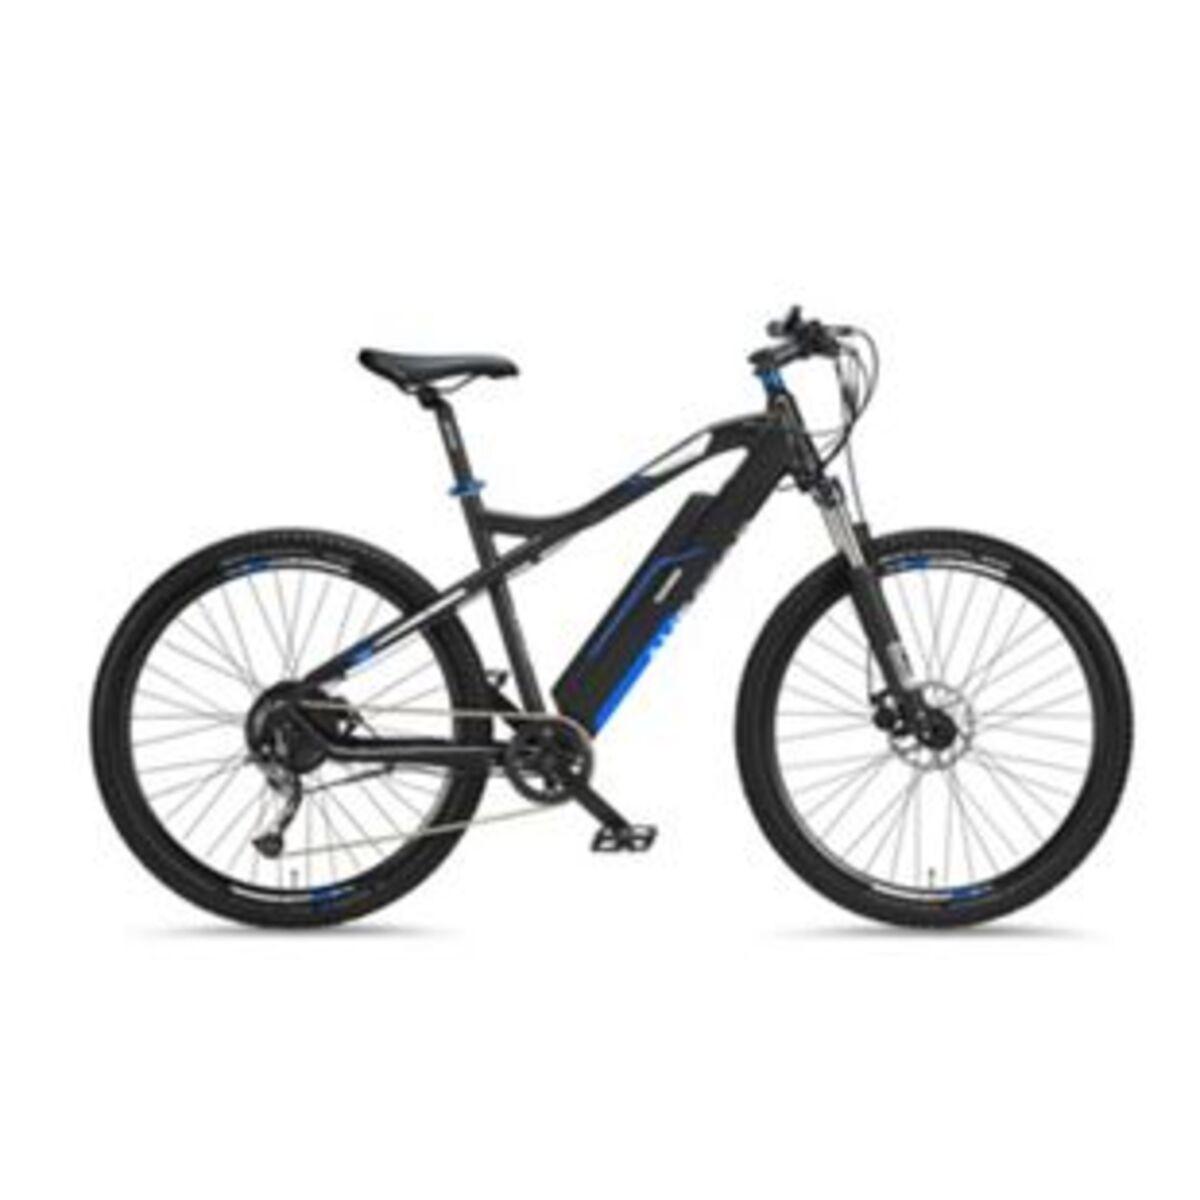 """Bild 2 von Telefunken Alu MTB Hardtail 27,5"""" Mountain E-Bike Blau"""